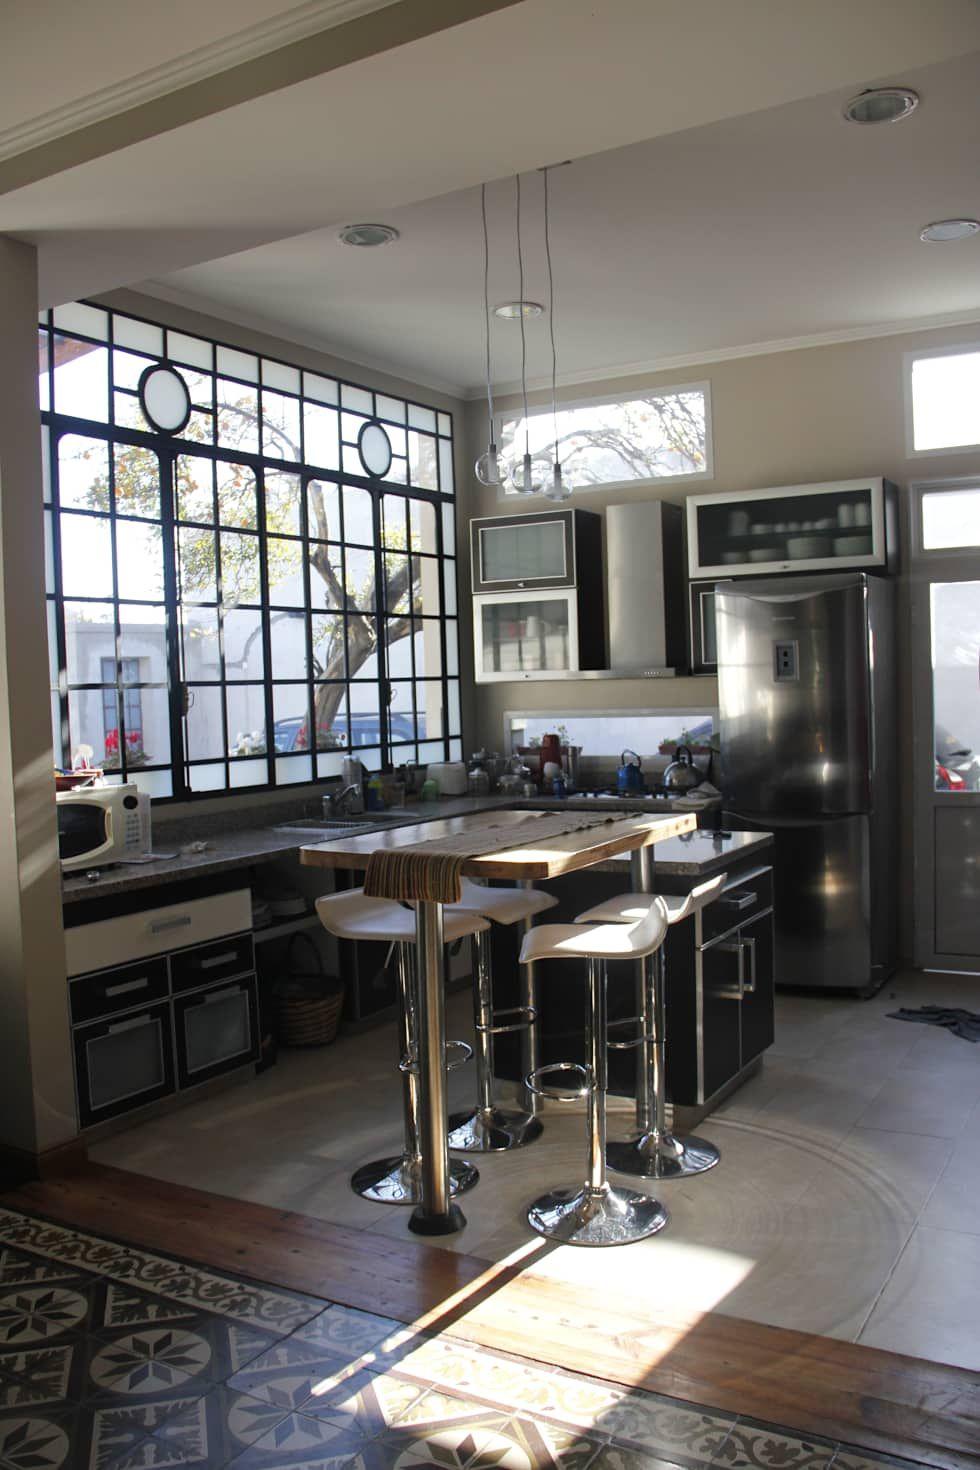 Casa ciocastias cocinas modernas: ideas, imágenes y decoración de laura zilinski arquitecta moderno